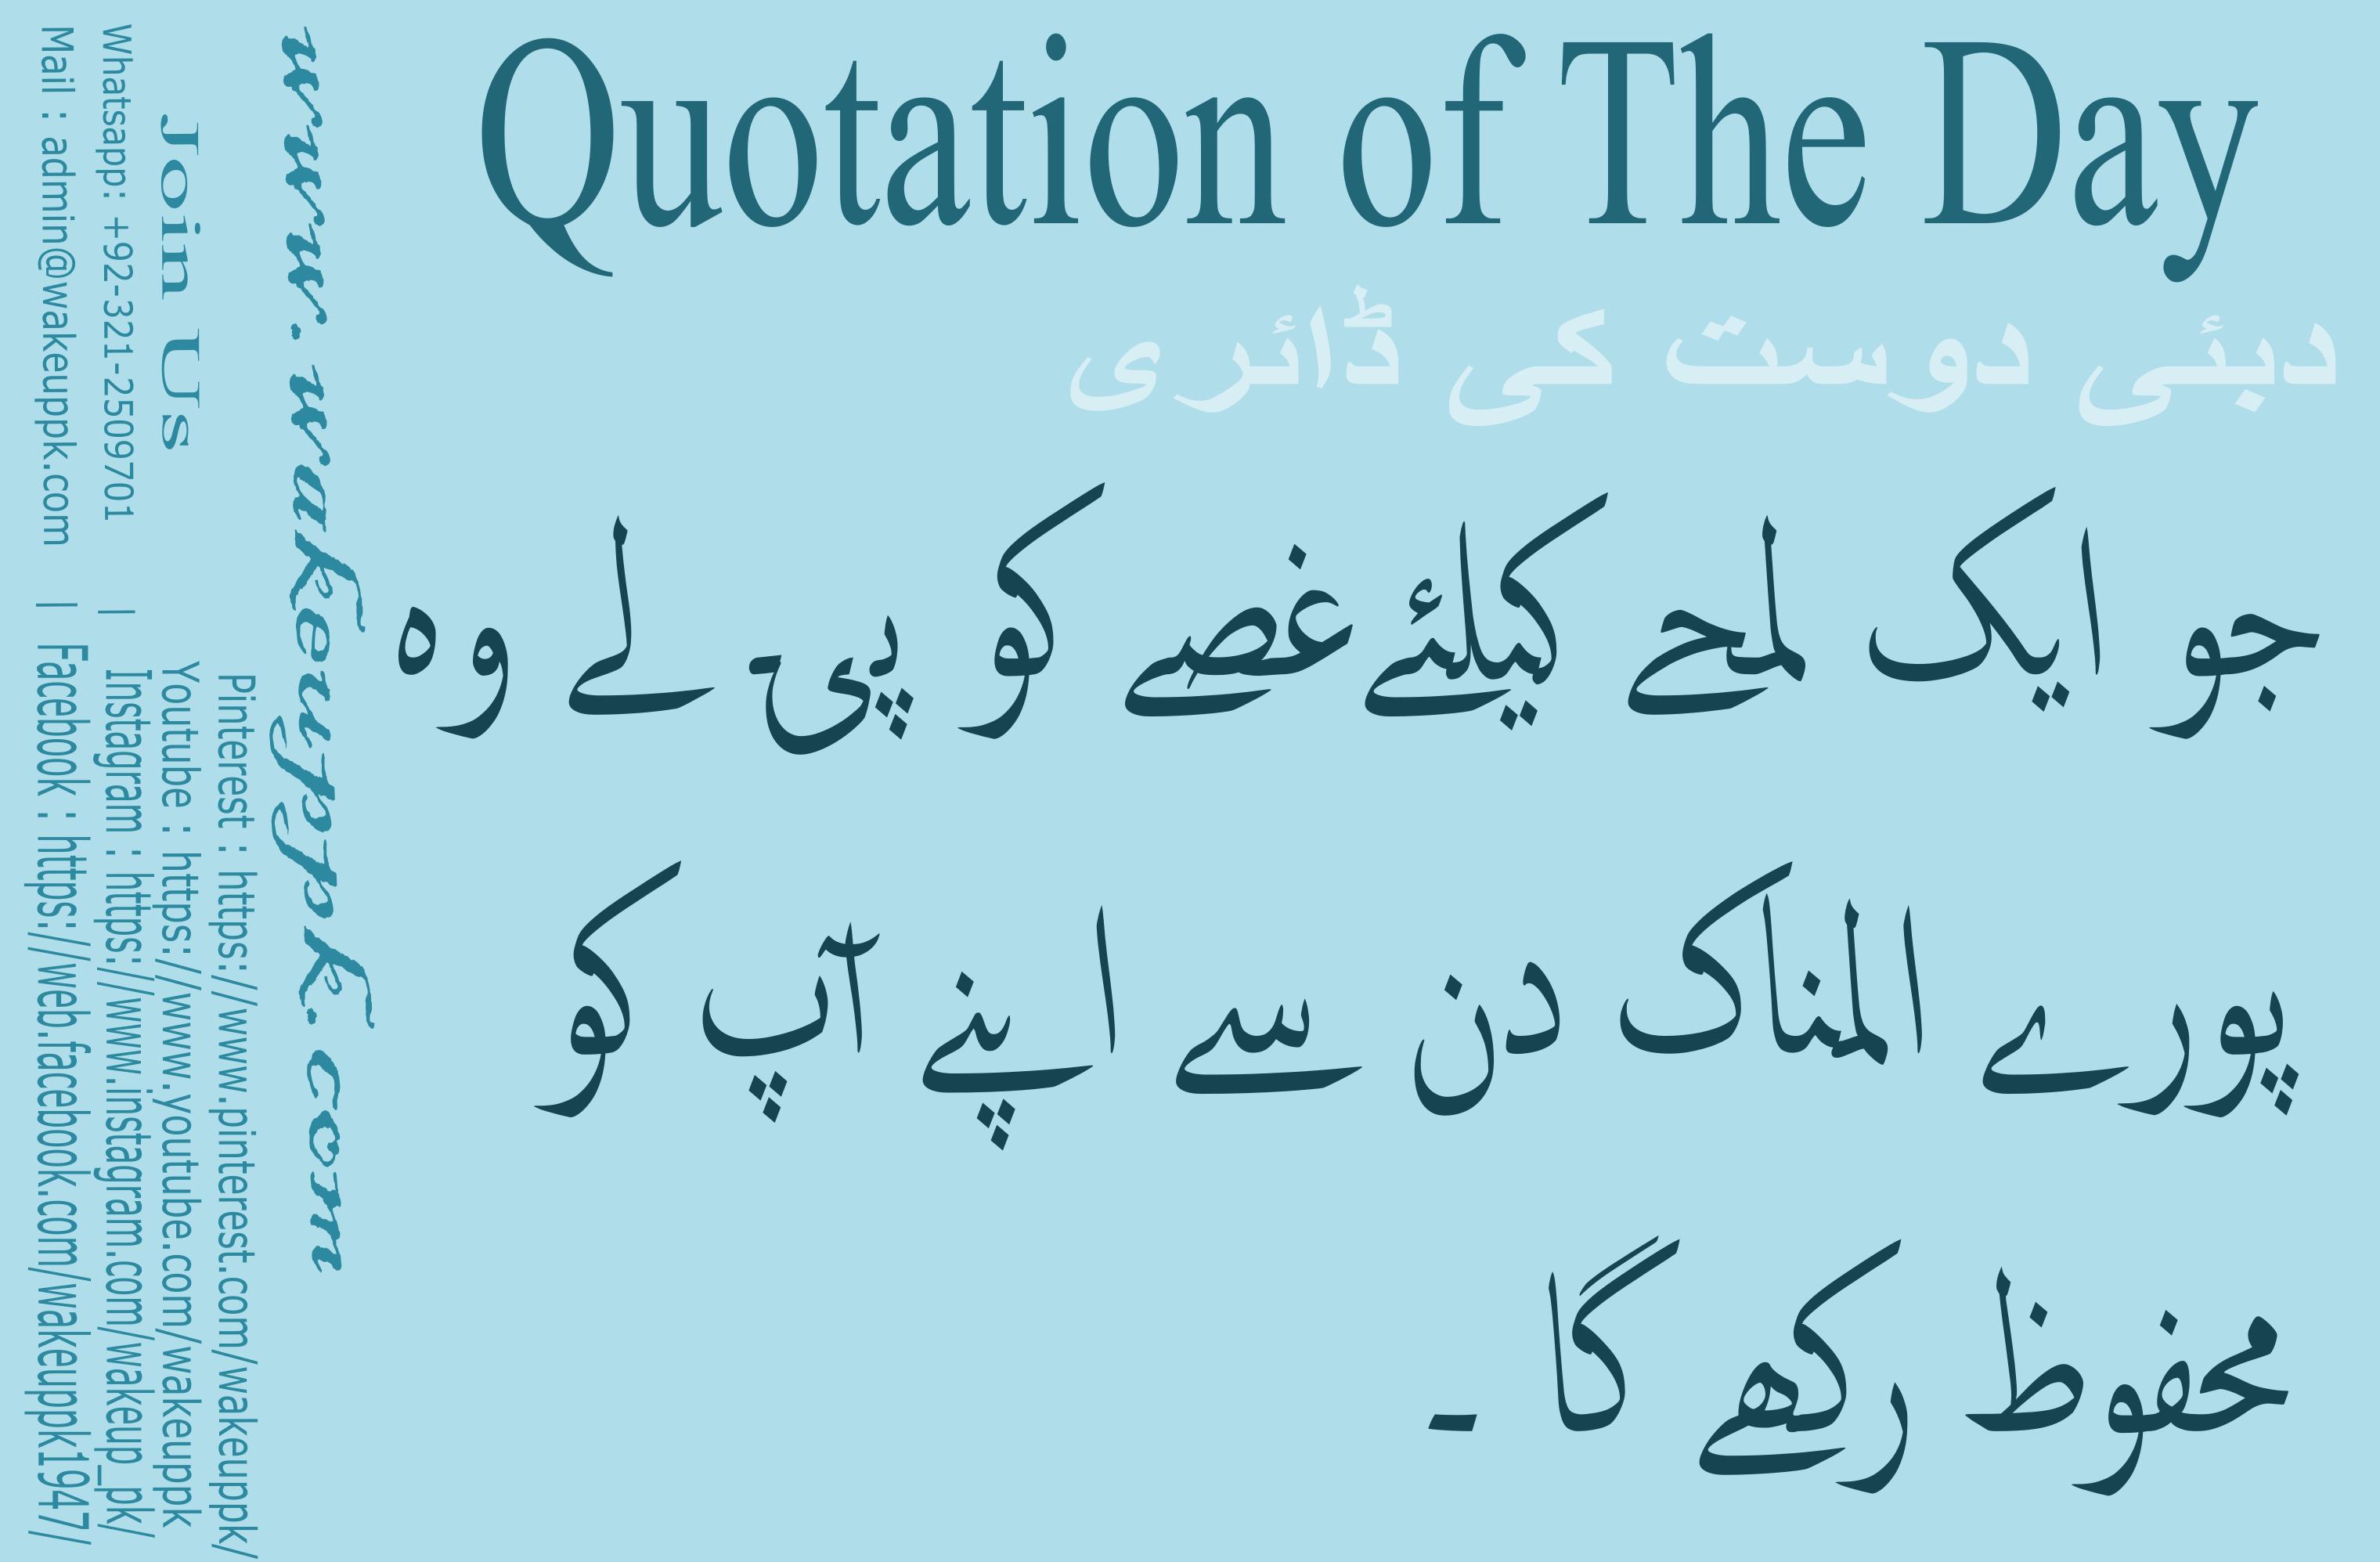 Urdu Quotations Urdu Sayings Urdu Quotes About Life Learn Urdu Promote Urdu Teach Urdu اردو اردو ادب اردو اقوال اردو Quotations Quotes Life Quotes